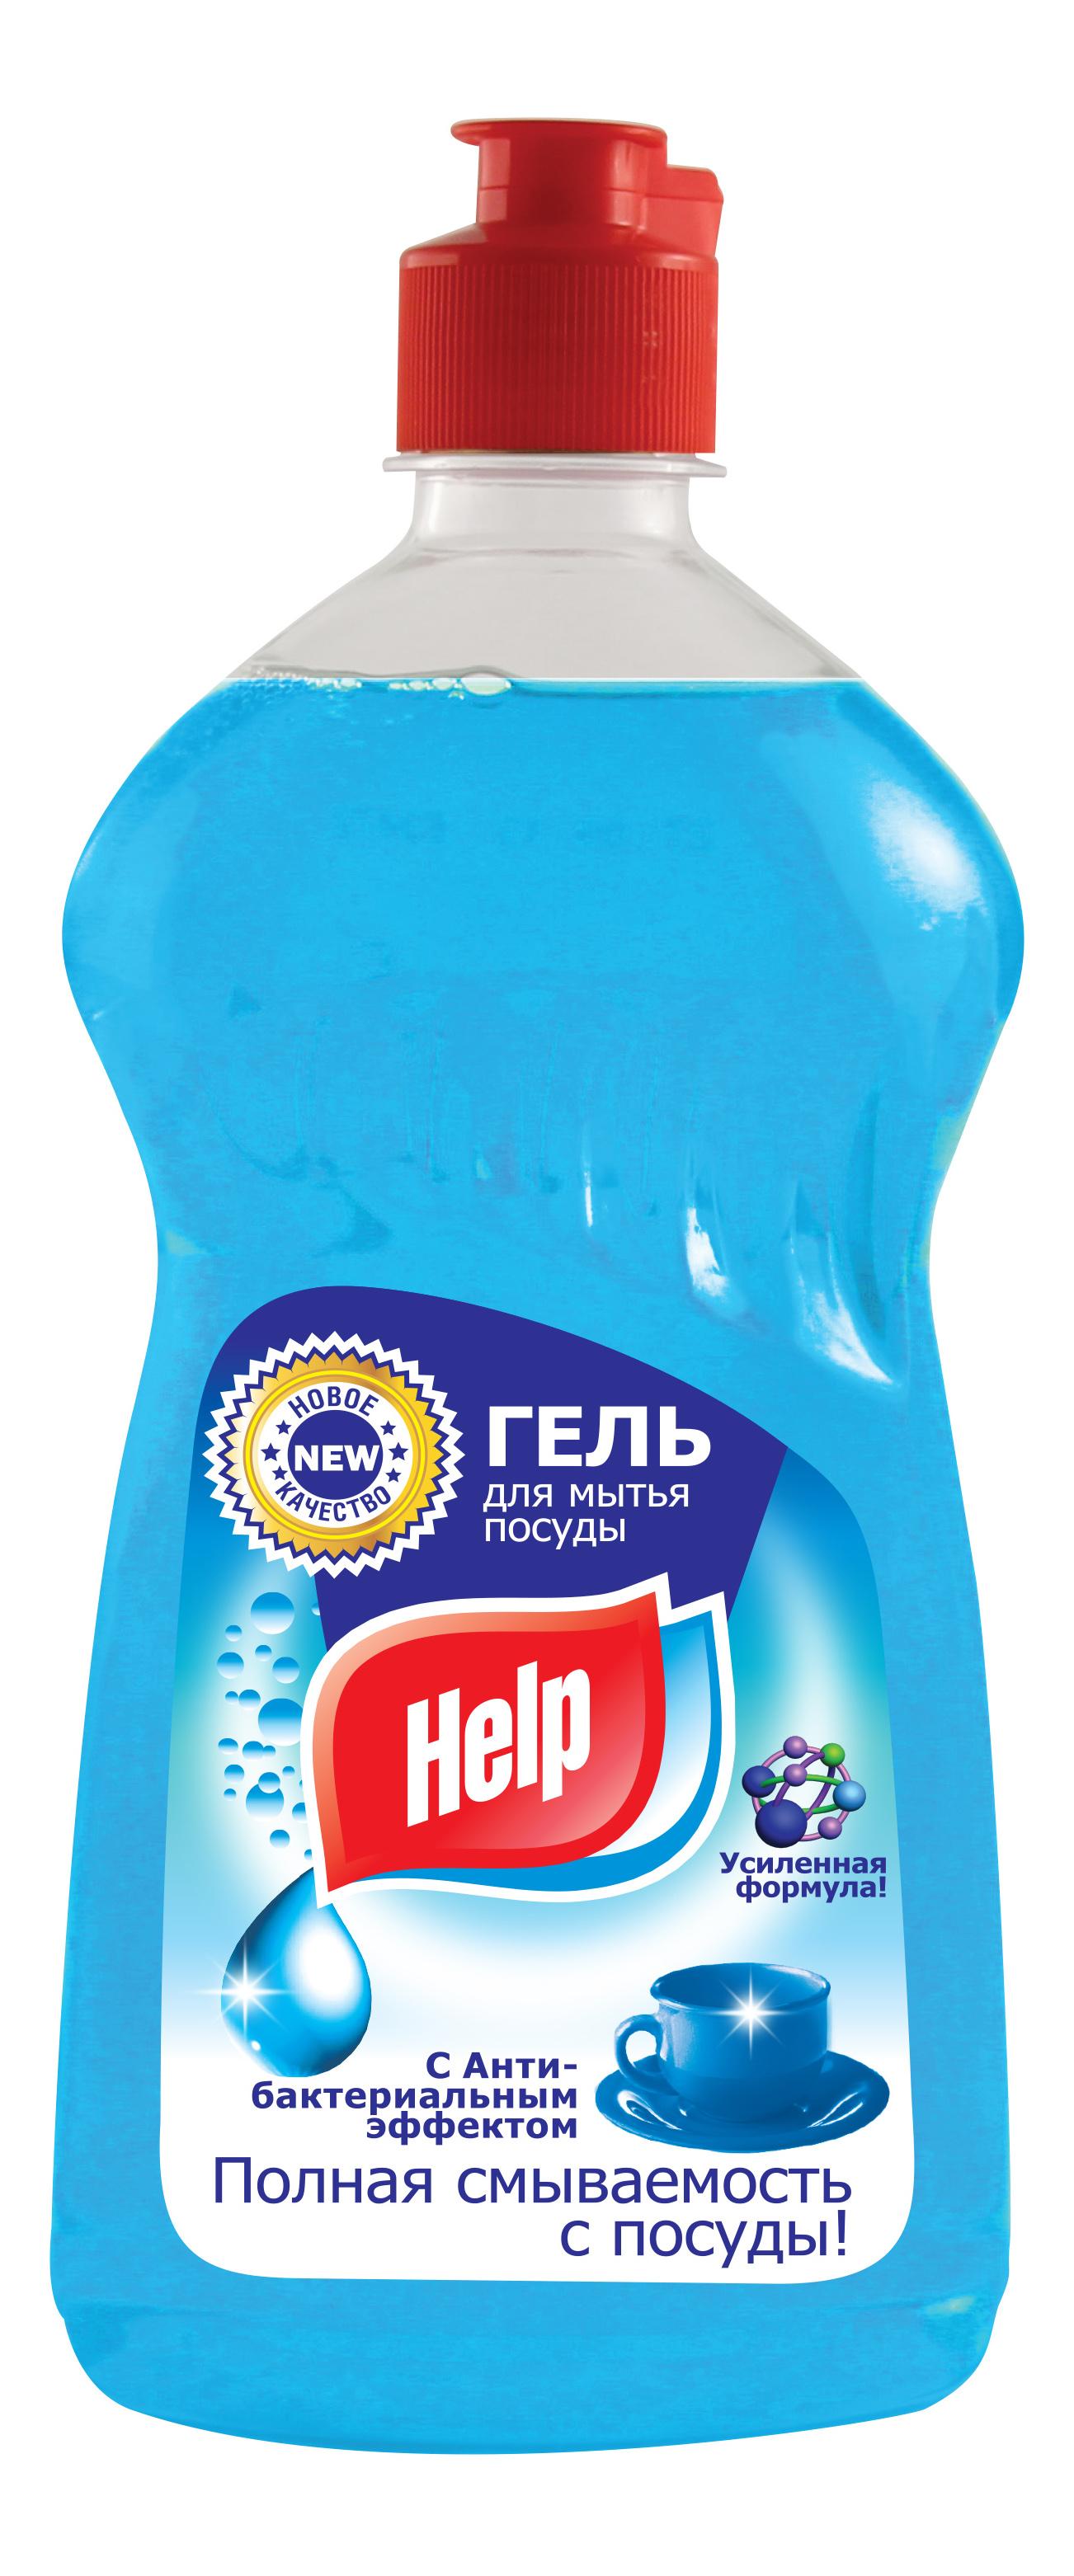 Средство для мытья посуды Help антибактериальный 500 мл